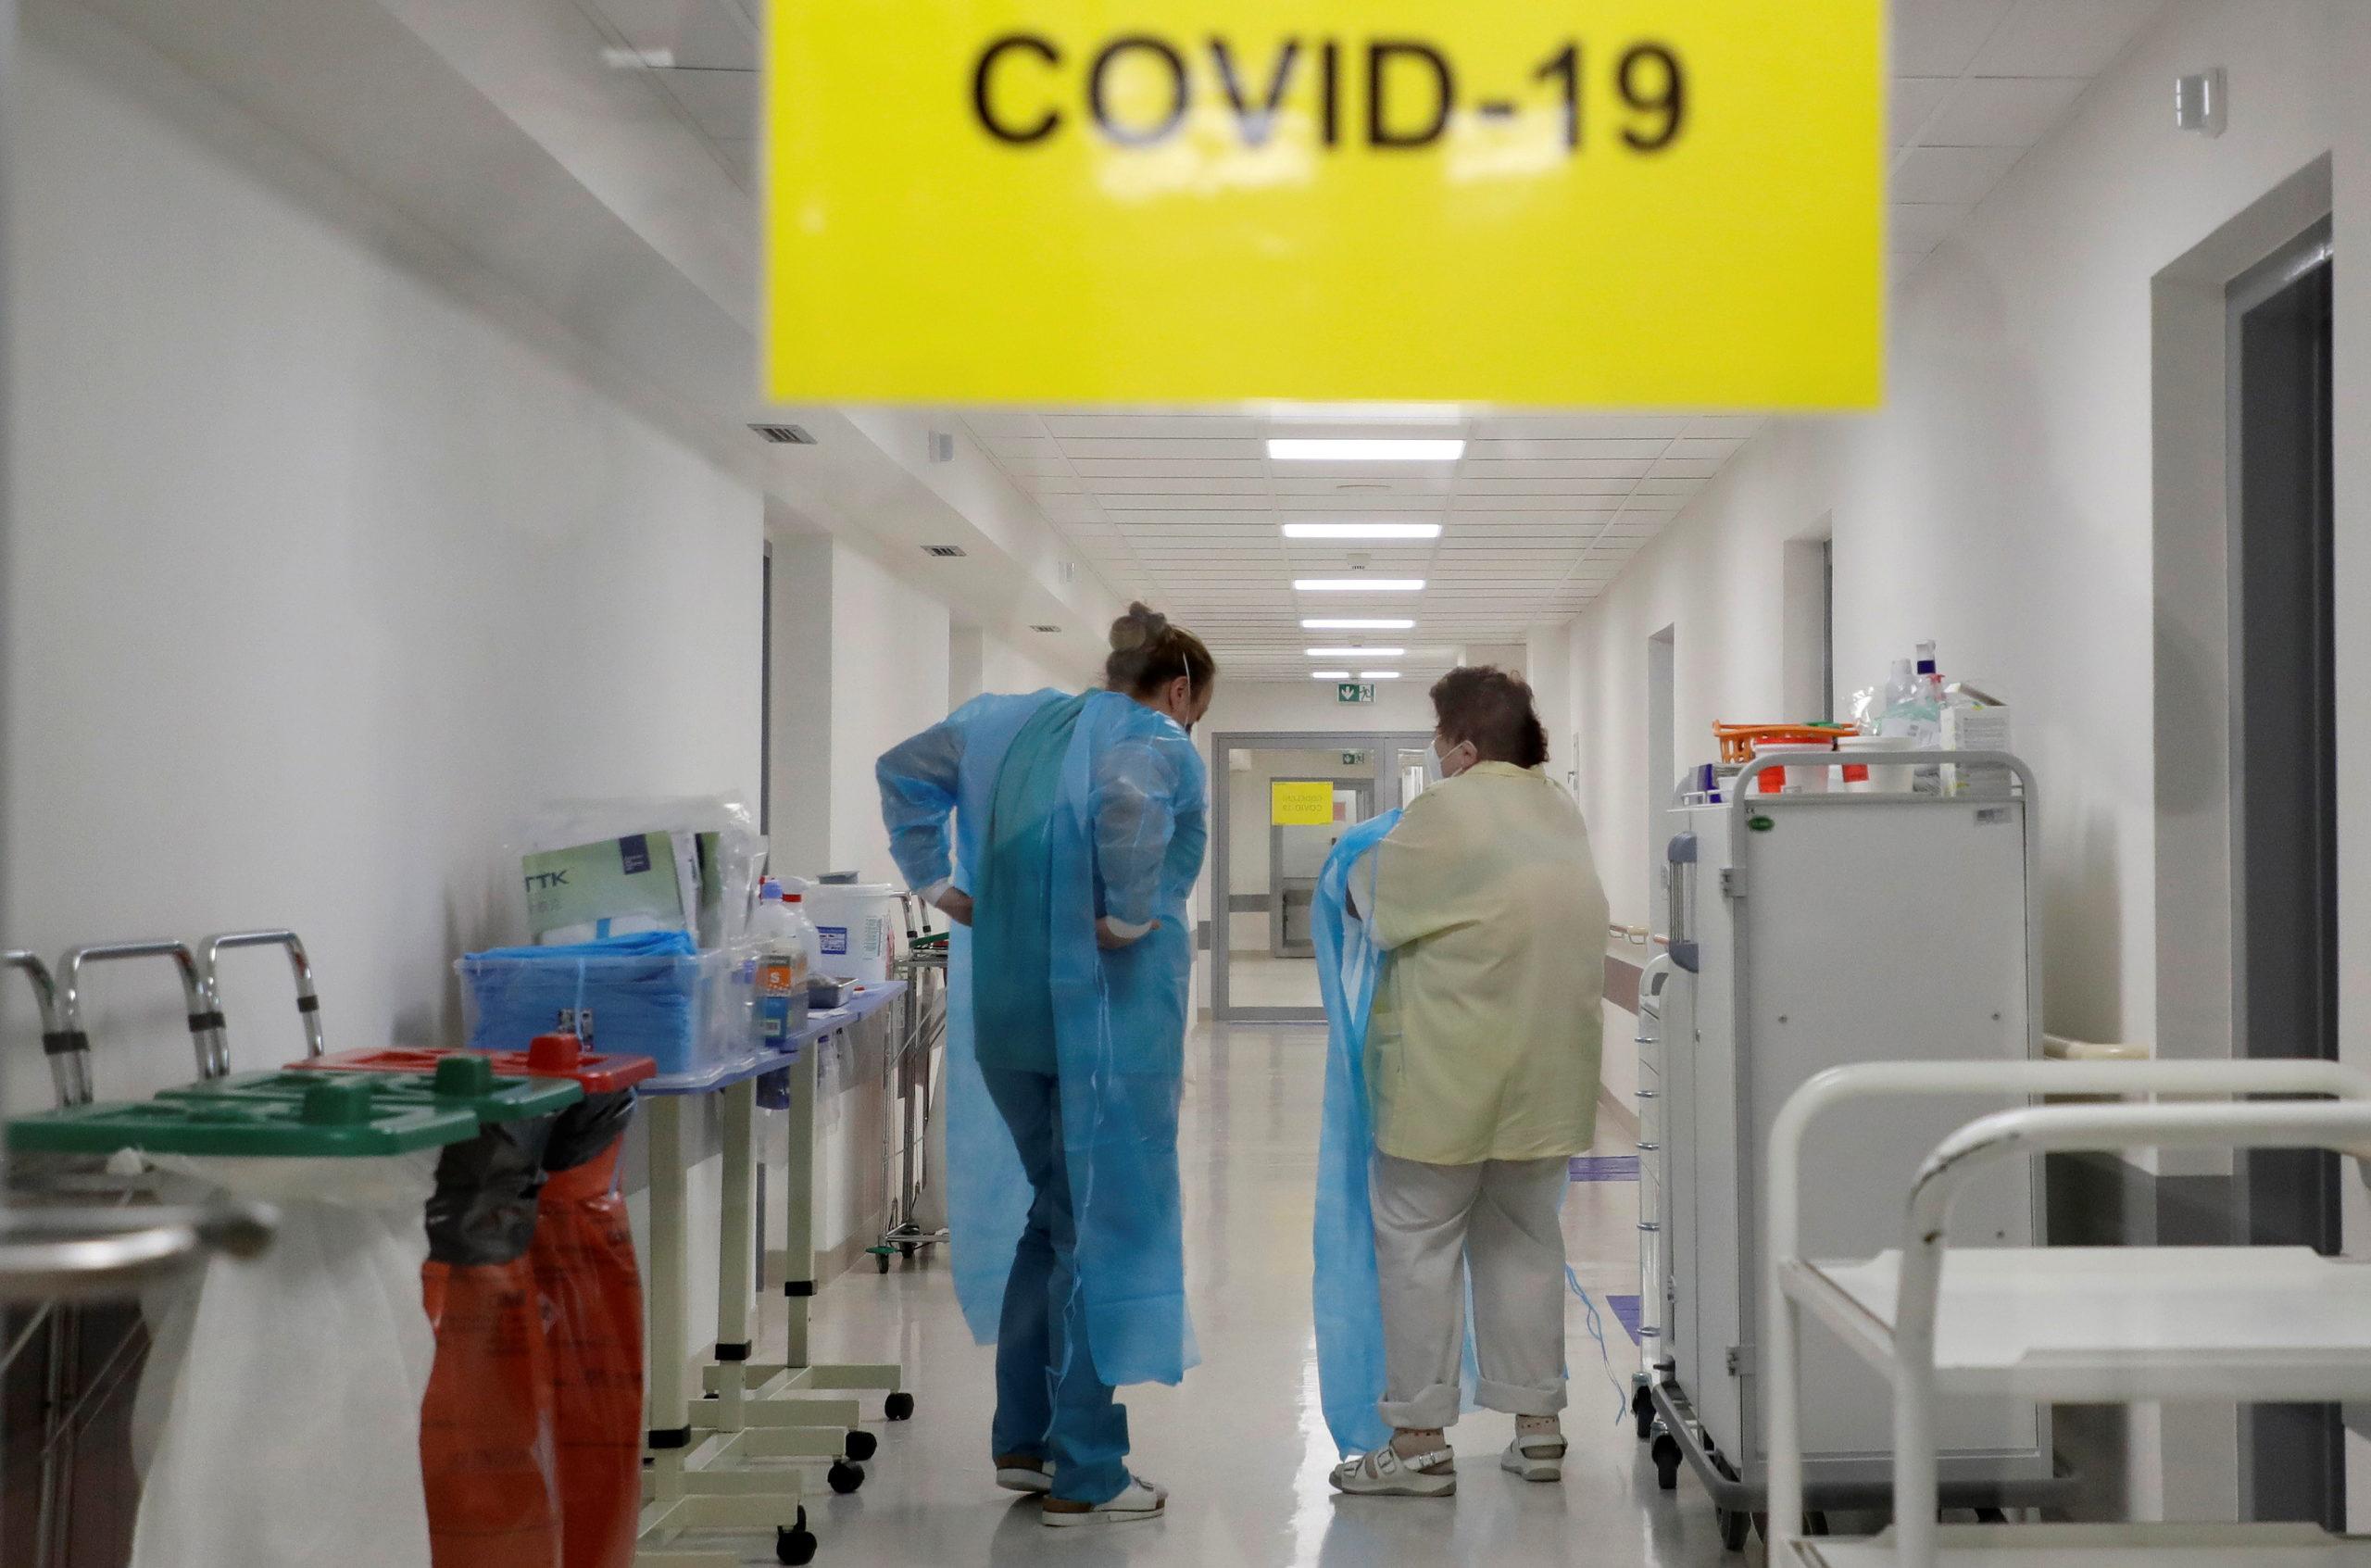 Coronavirus: La République tchèque demande l'aide des pays voisins